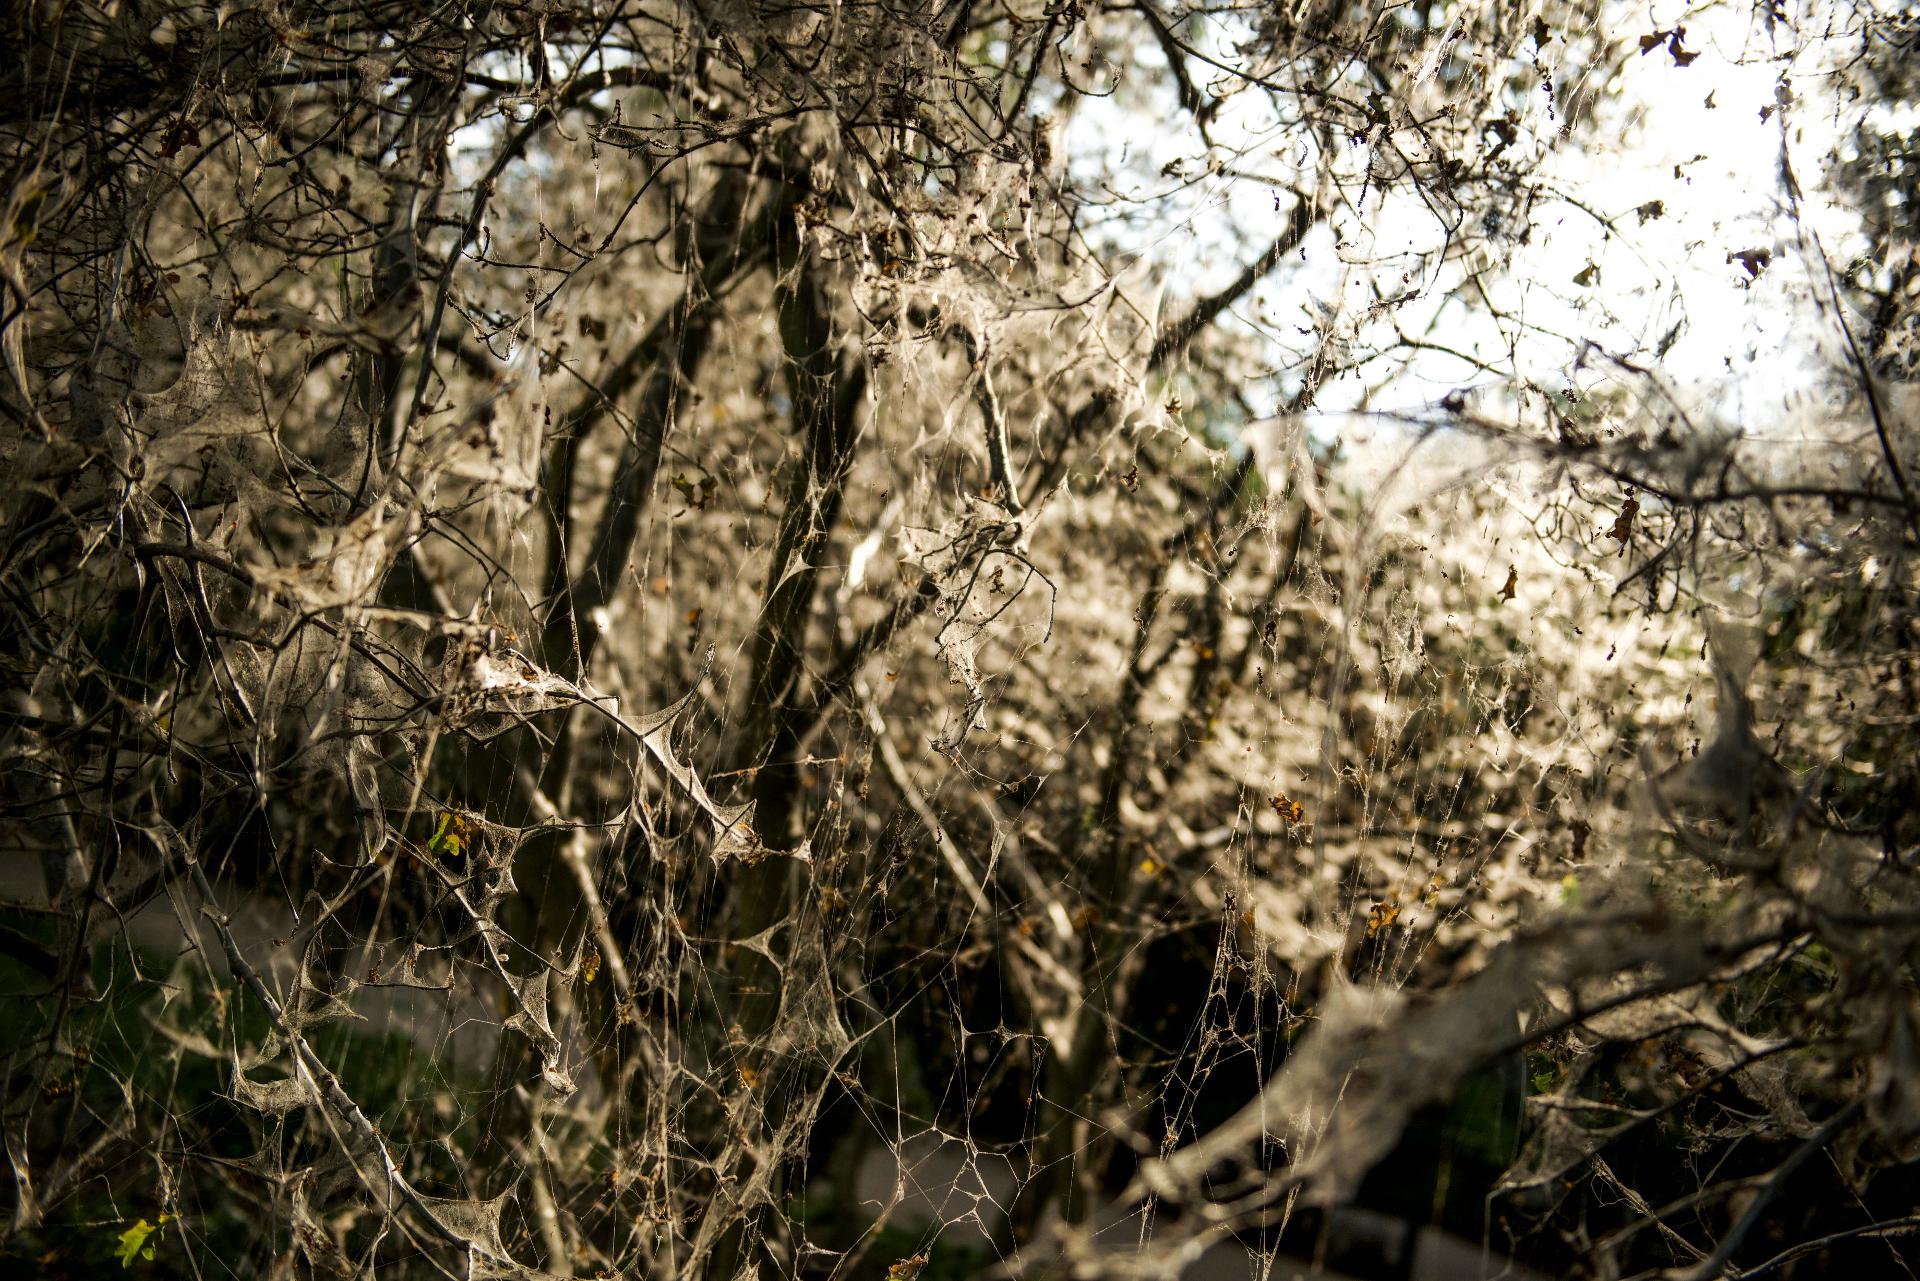 Das Werk der Gespinstmotten ist ein beeindruckendes Naturschauspiel. Unmittelbar nach dem Schlüpfen beginnen die Raupen, den Baum einzuweben. © Peter Jelinek